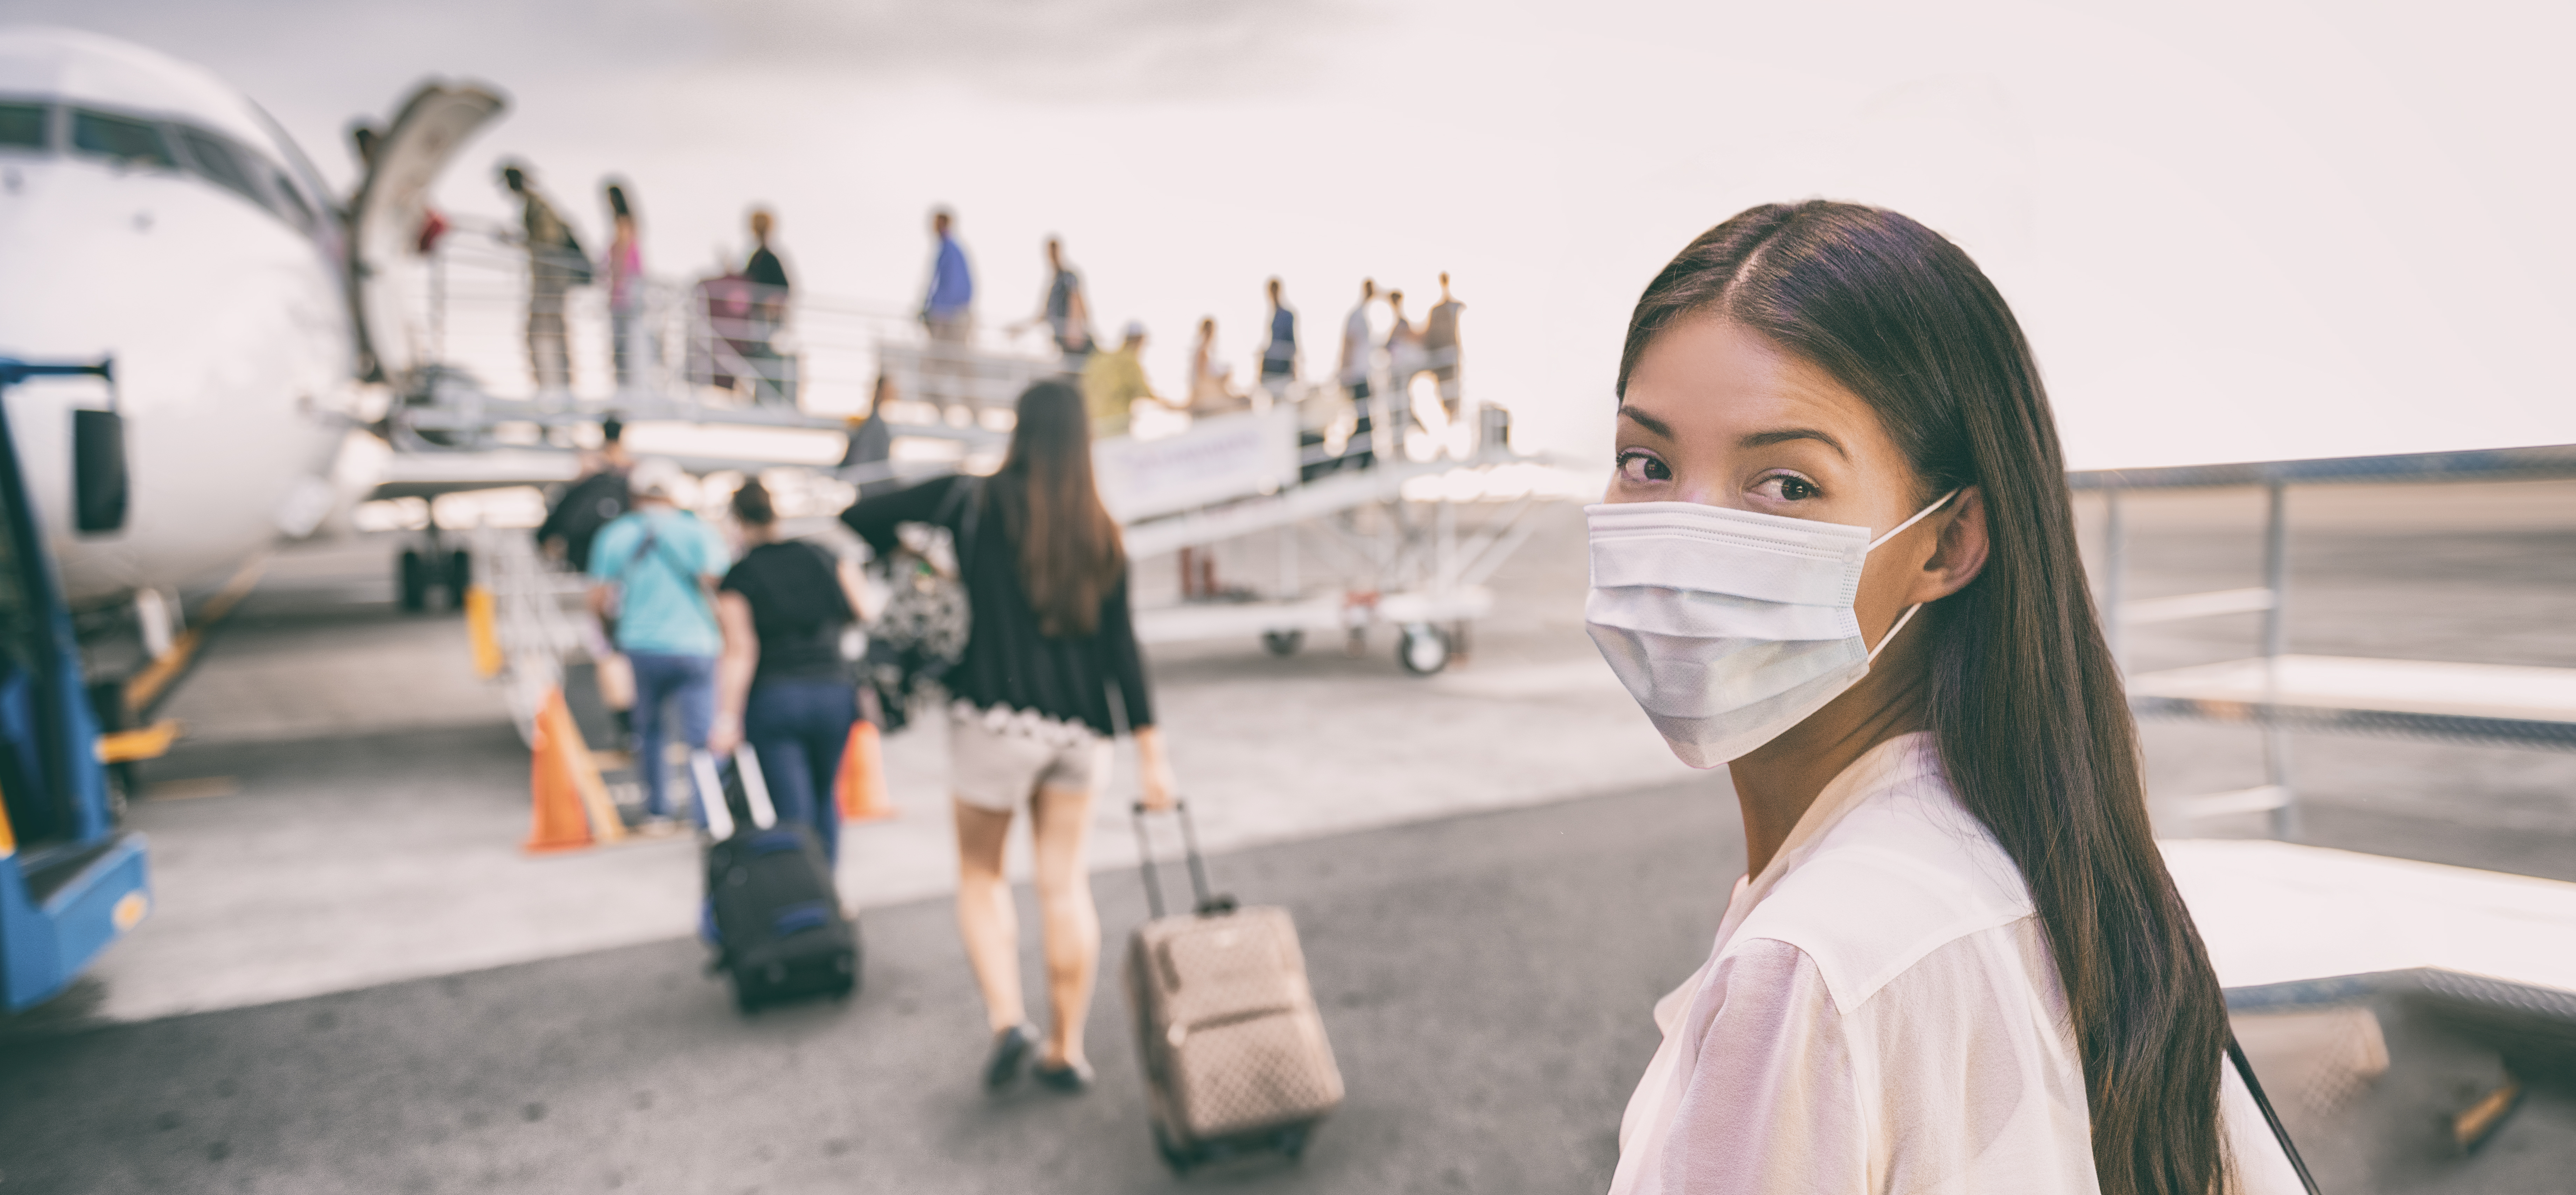 Koronawirus a prawa pasażerów. Linie lotnicze krytykują oświadczenie Komisji Europejskiej broniącej pasażerów